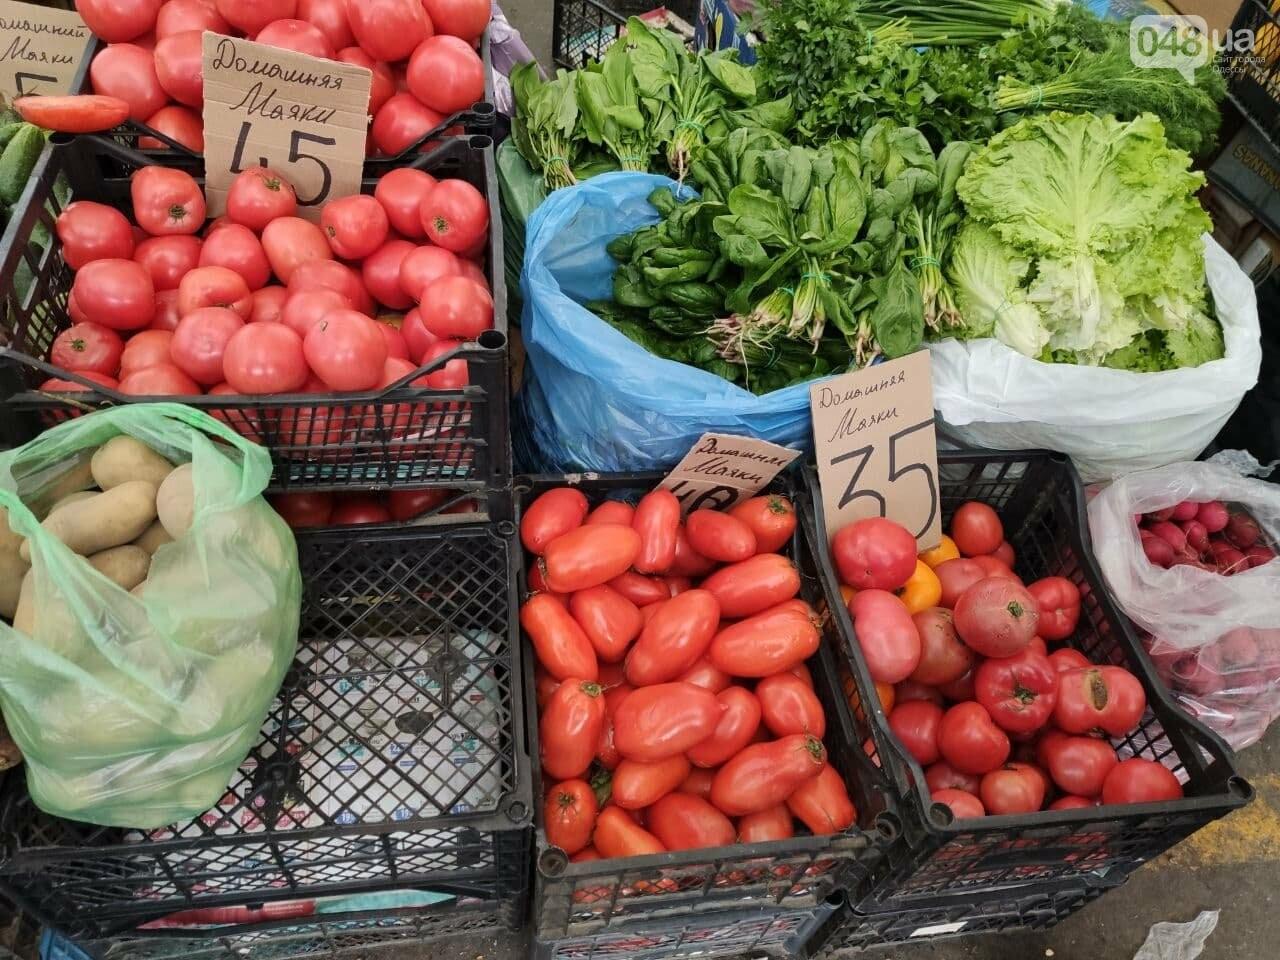 Авокадо, киви, белые грибы: сколько на одесском Привозе стоят фрукты и овощи, - ФОТО, фото-1